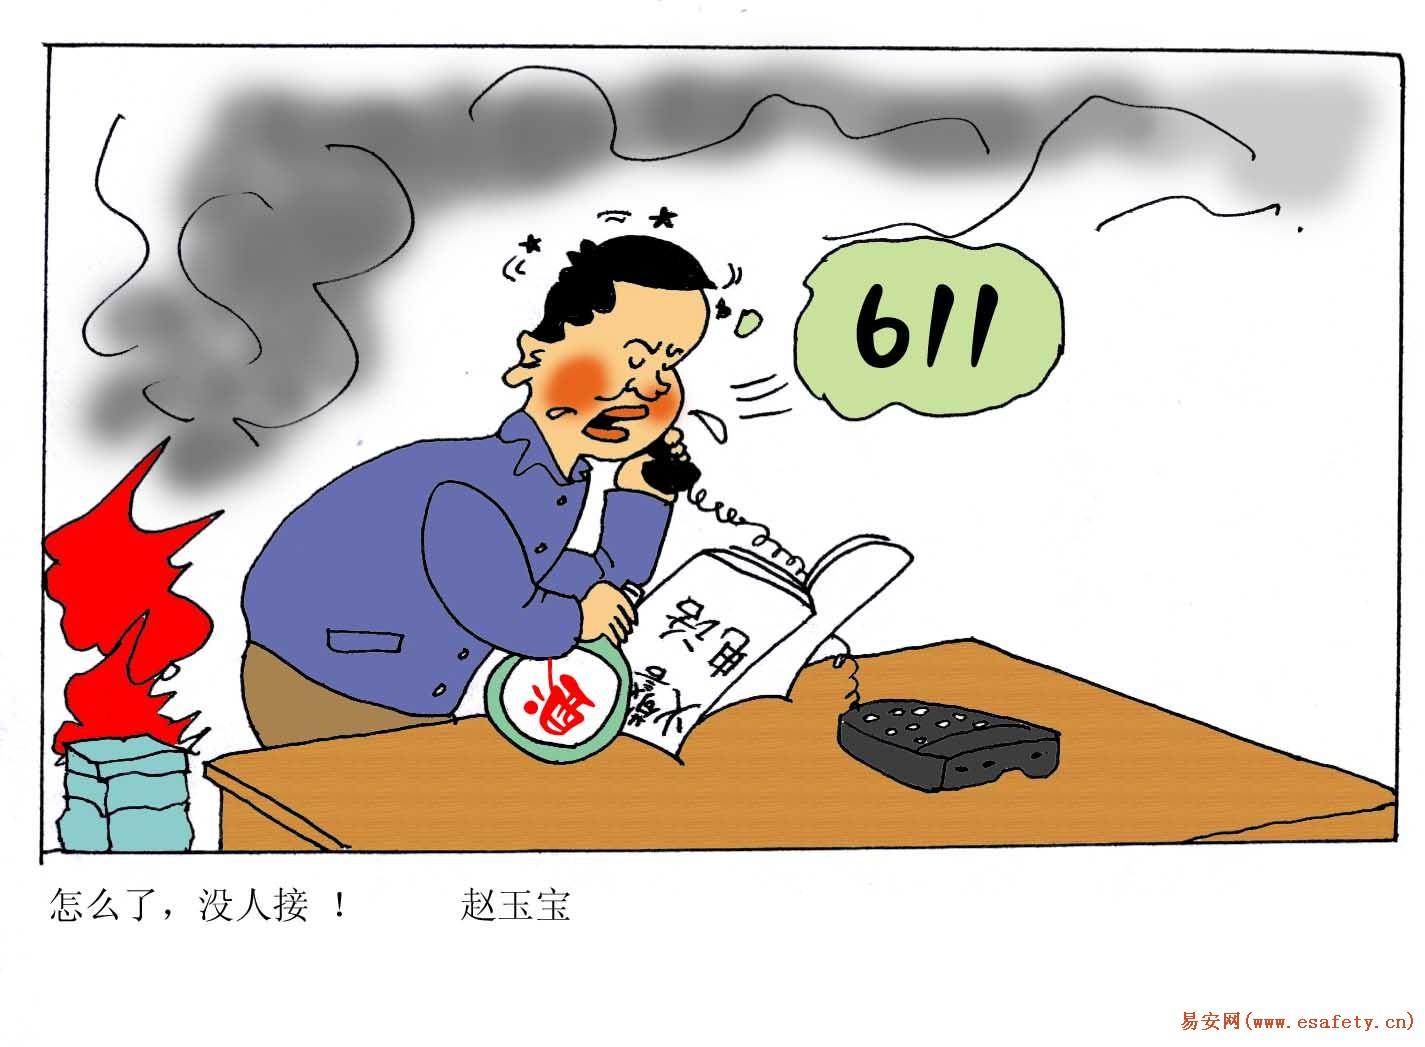 消防灭火器卡通形象 卡通人物简笔画的童星